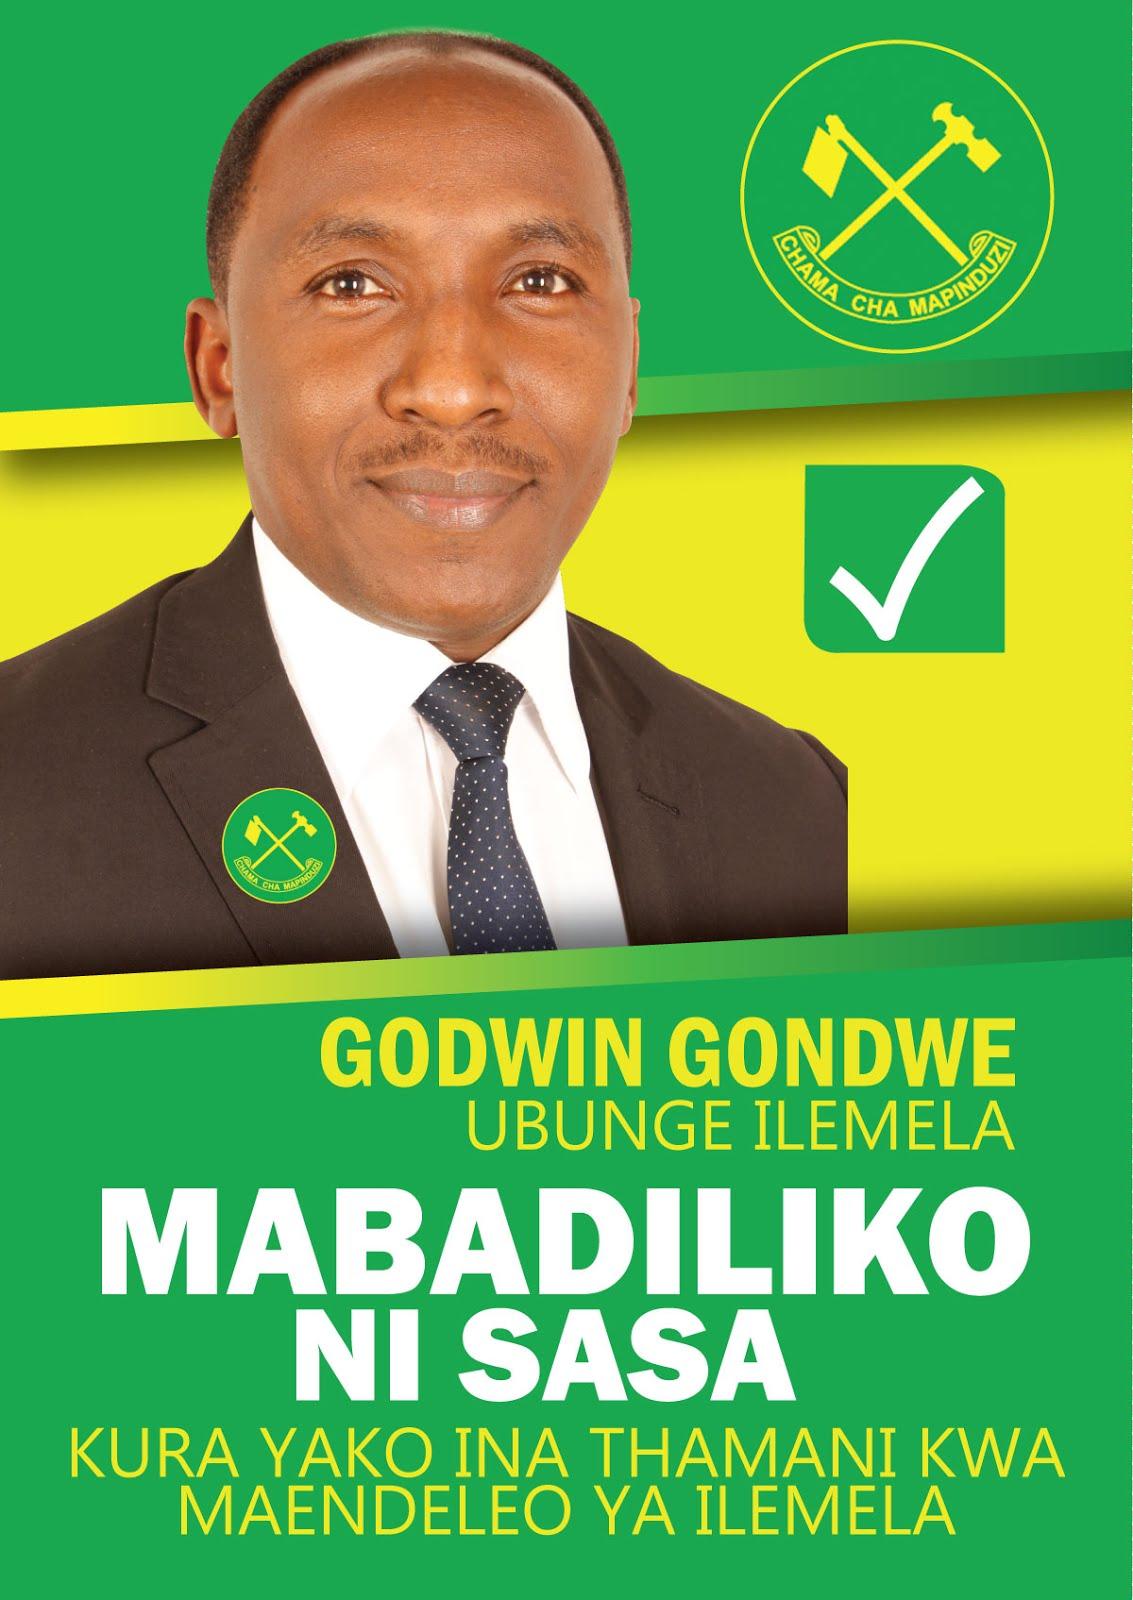 GODWIN GONDWE-ILEMELA CHAGUO LENU KWA MAENDELEO